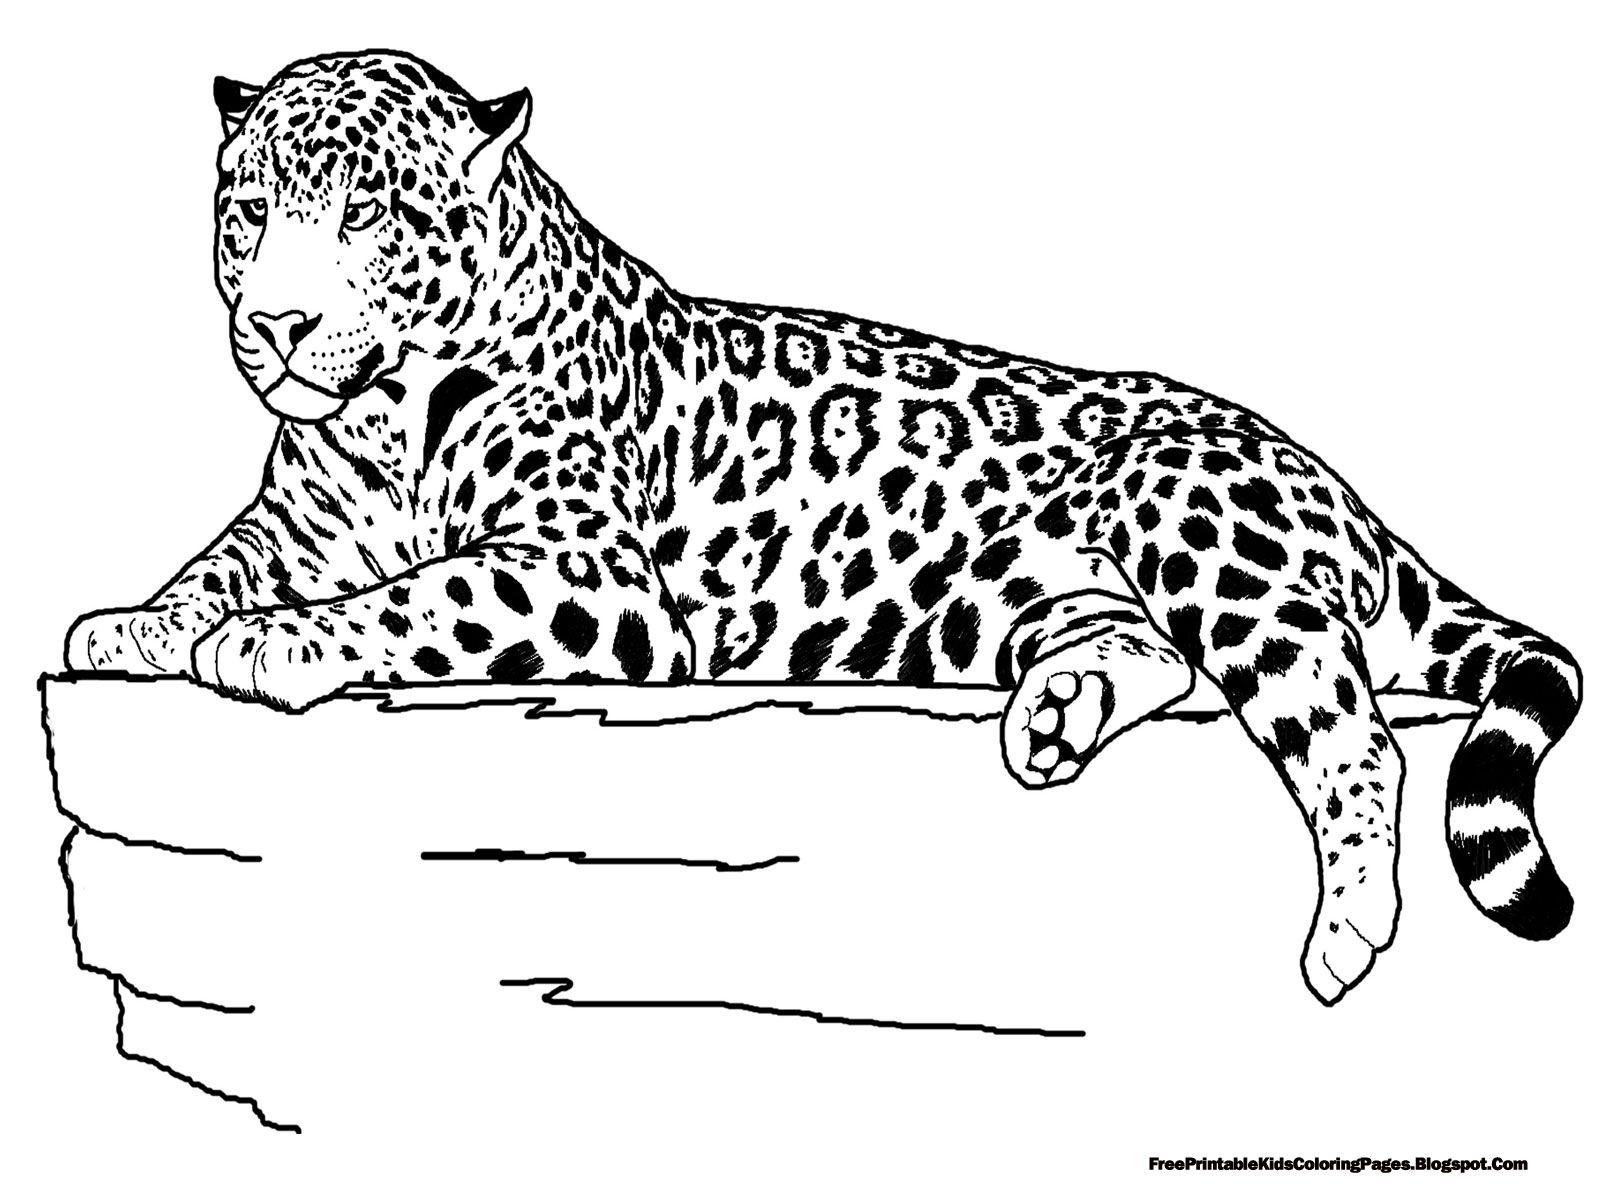 Line Drawing Jaguar : Jaguar google search line drawings for literacy